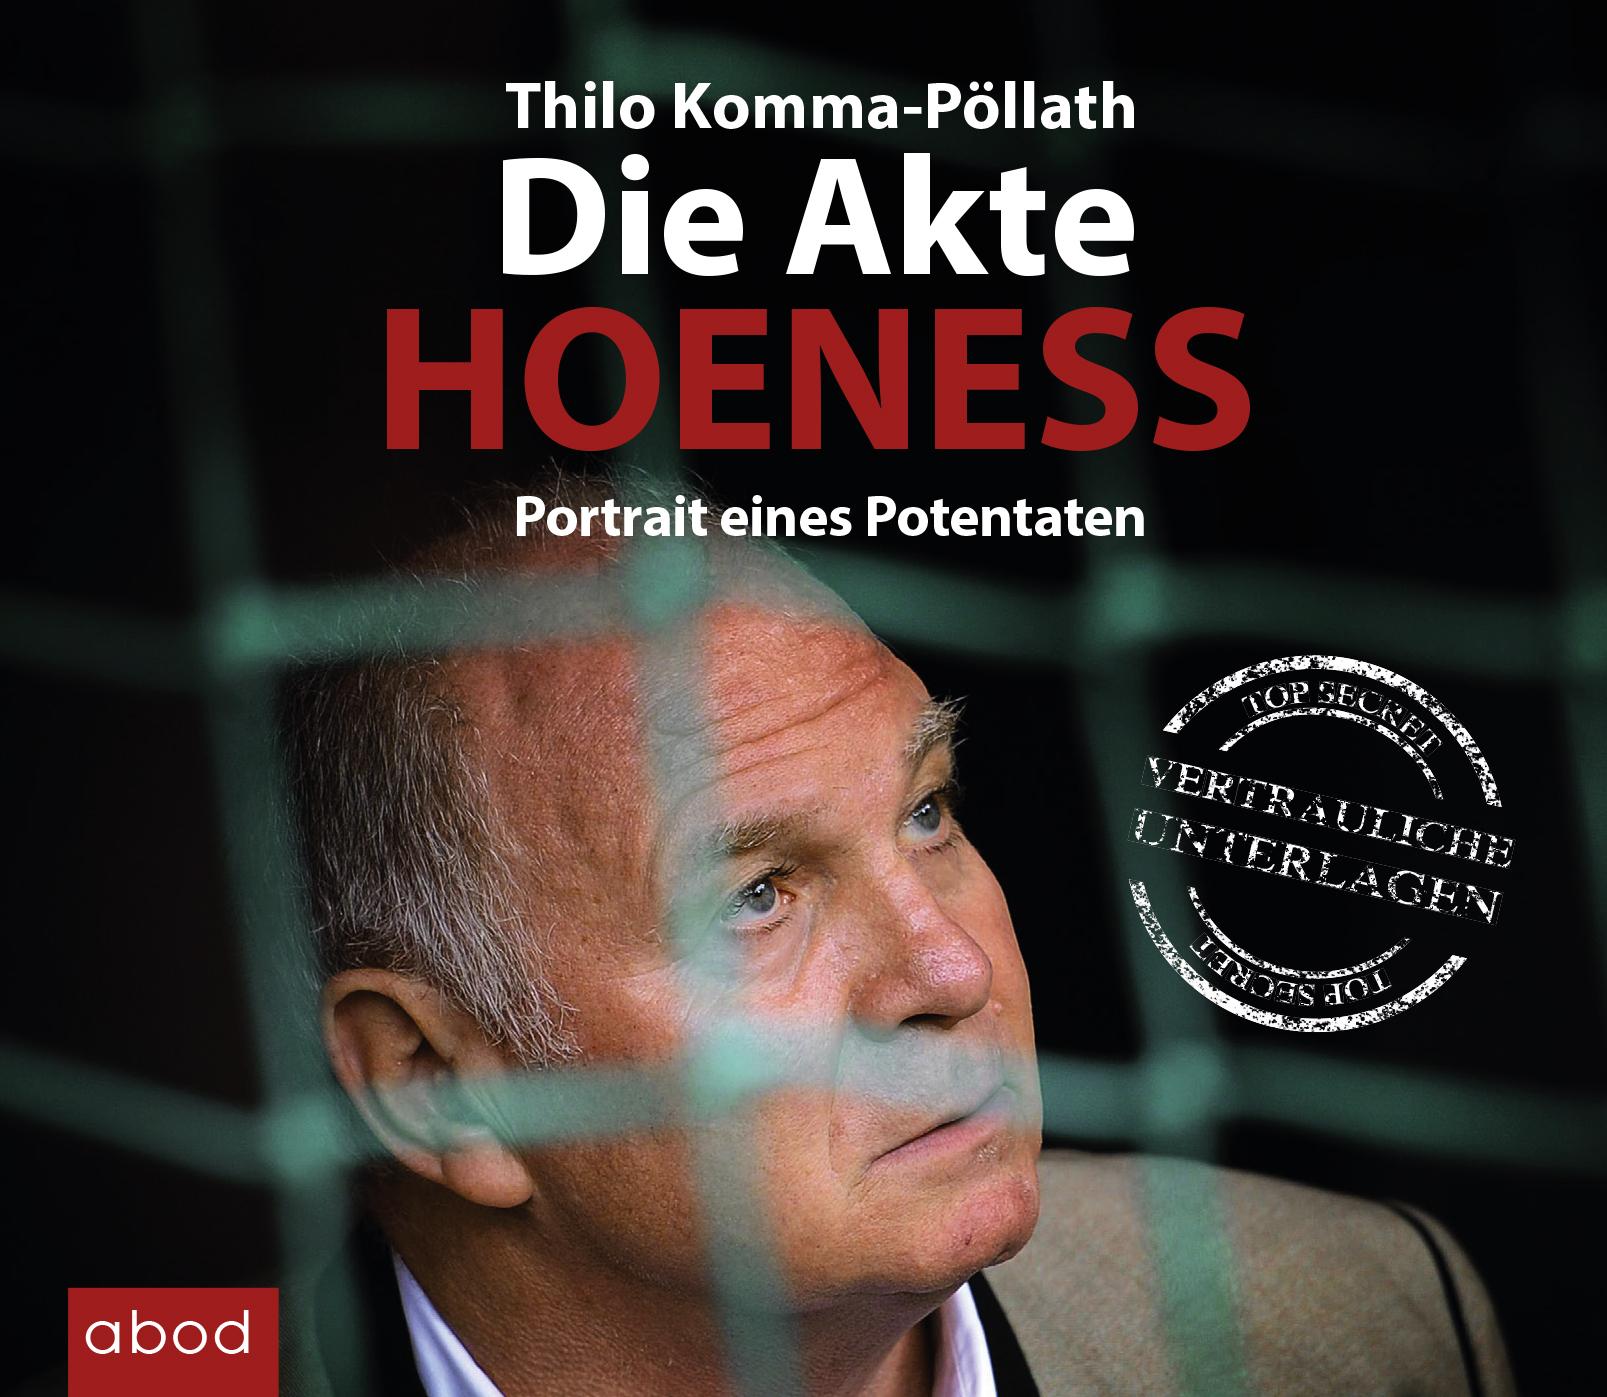 Die Akte Hoeneß: Portrait eines Potentaten - Thilo Komma-Pöllath